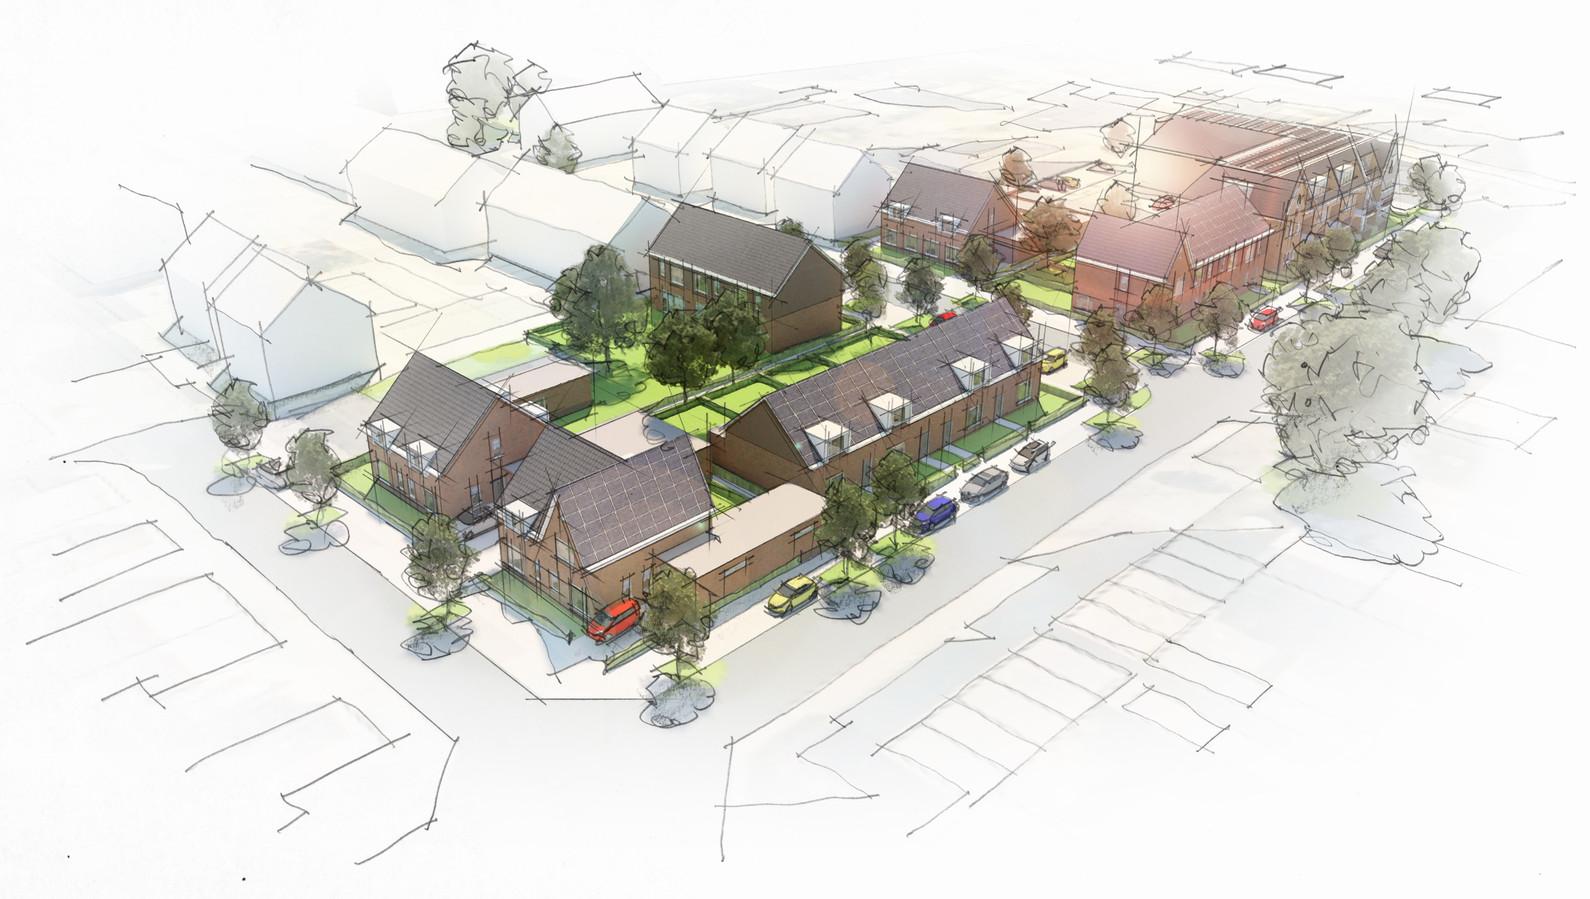 Impressie van nieuwe woonwijk in Rijen op voormalige locatie van KIN Installatietechniek.